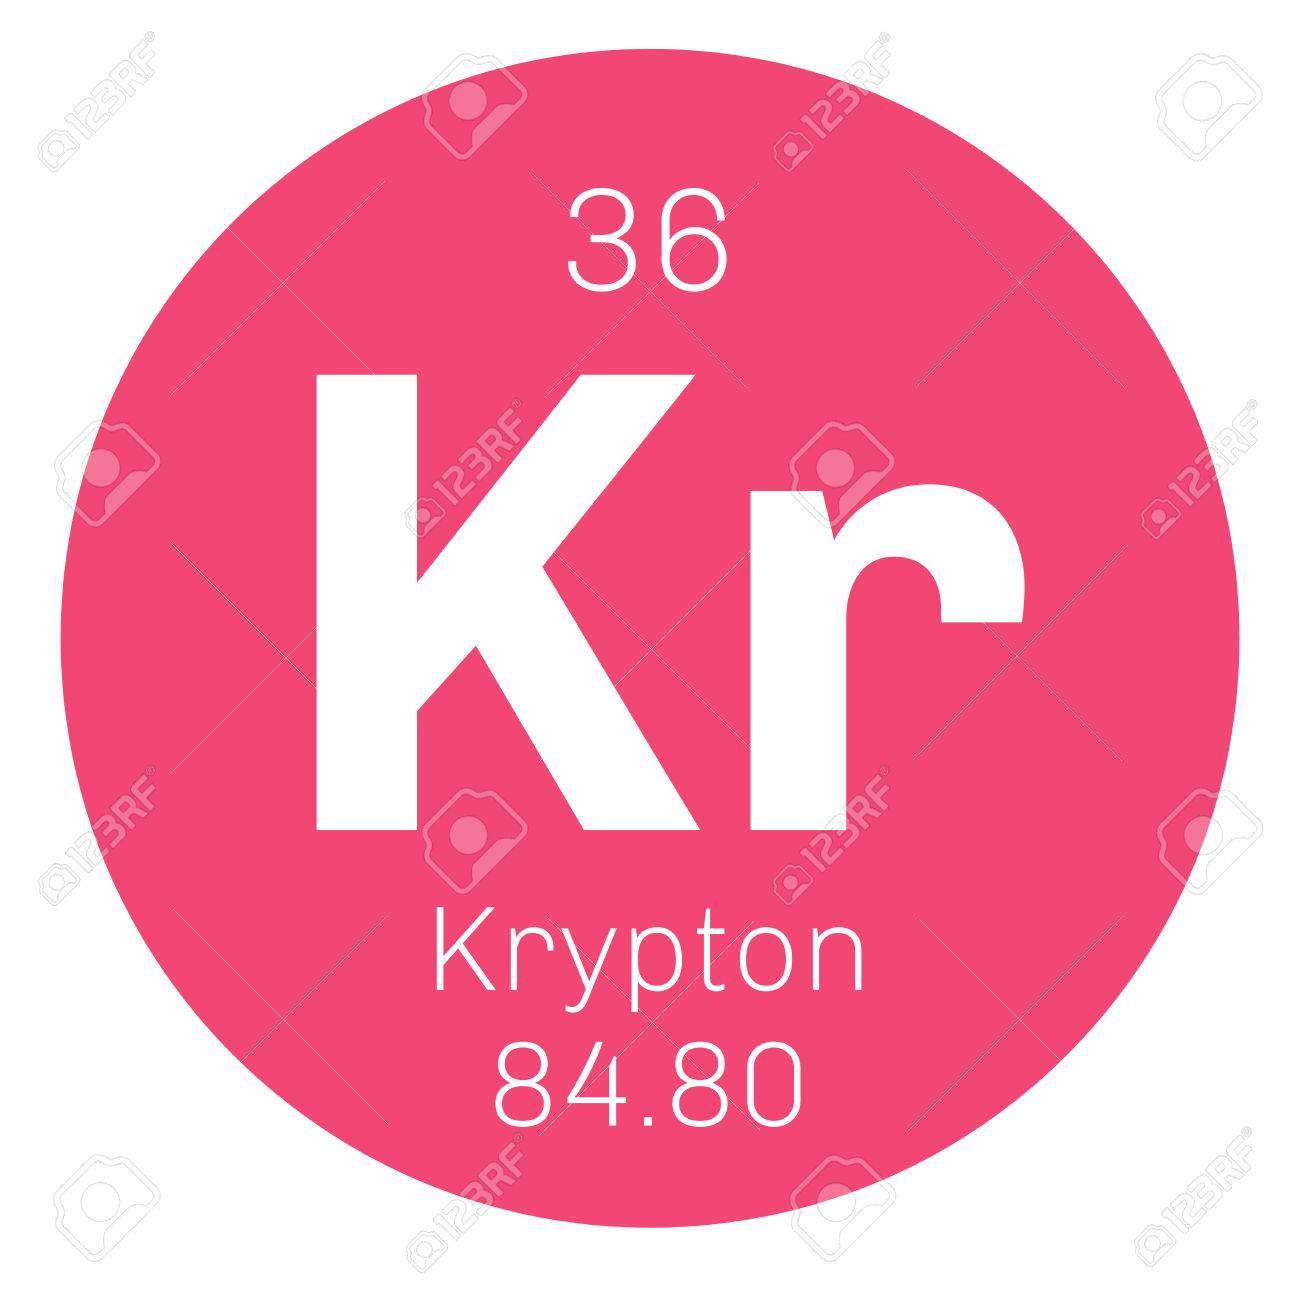 62994436 krypton es un elemento qumico pertenece al grupo de los gases nobles de la tabla peridica el nen es un gajpg